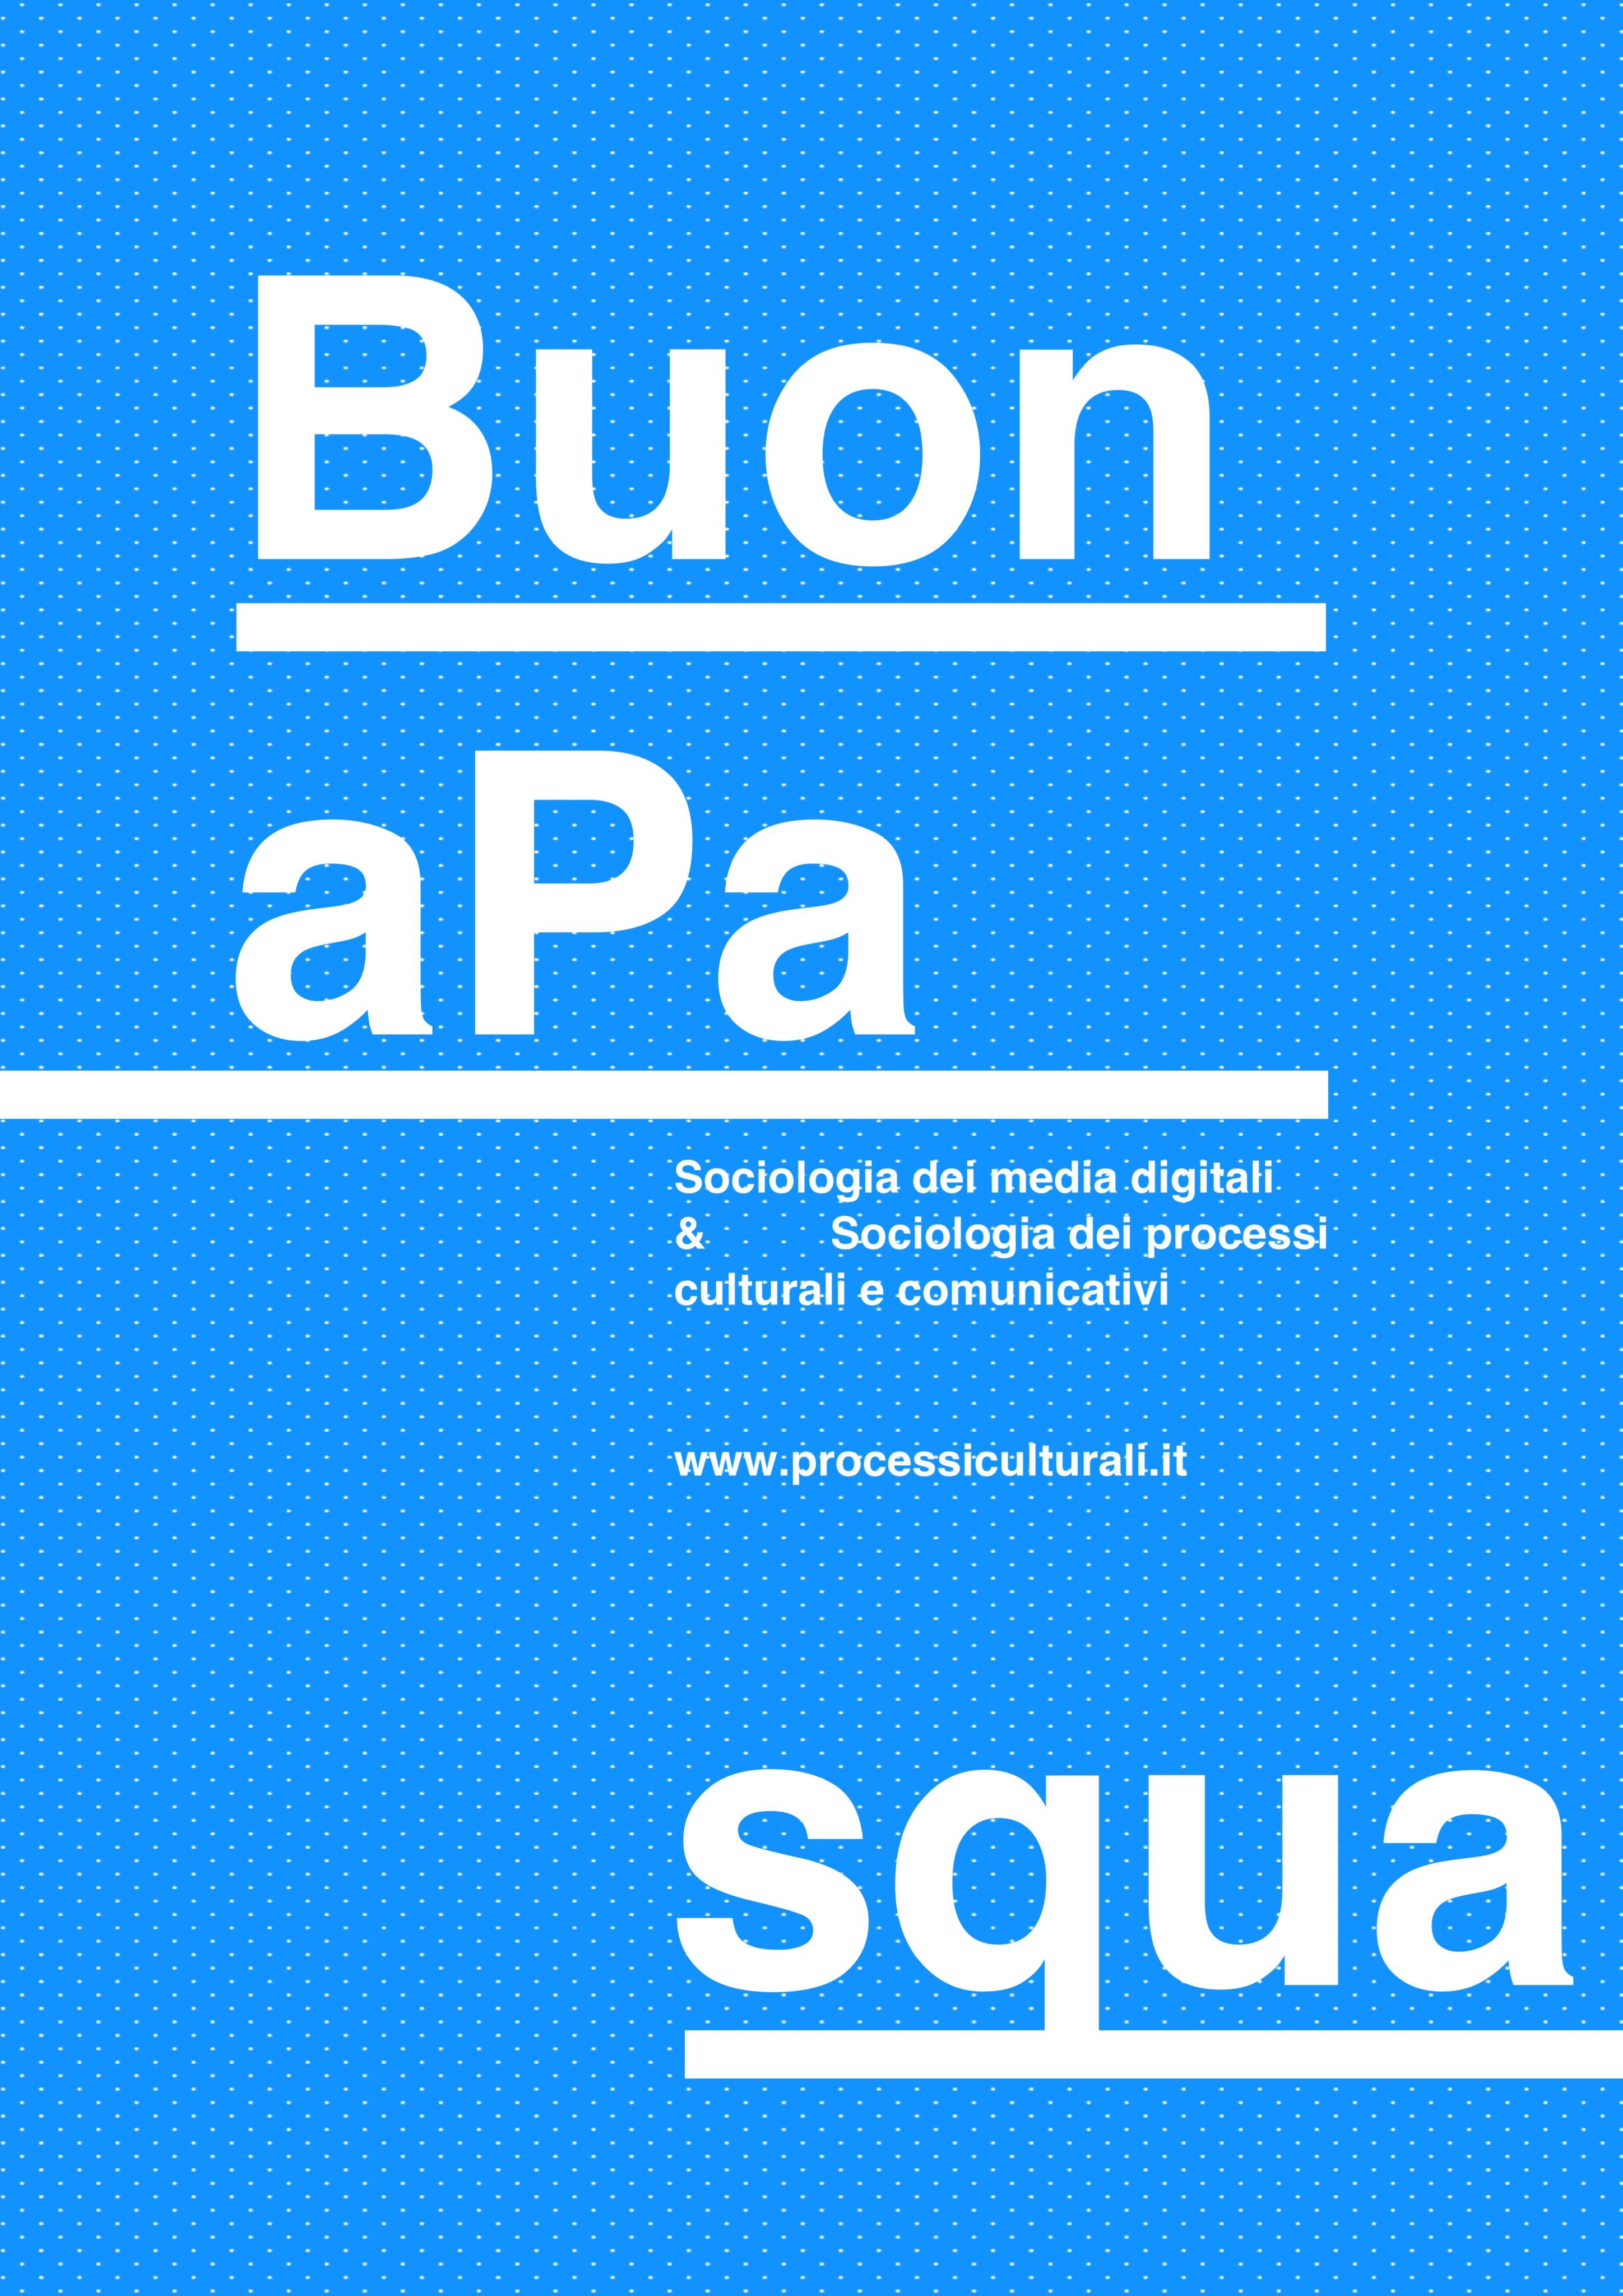 2013_03_31_Processiculturali-Buona-Pasqua